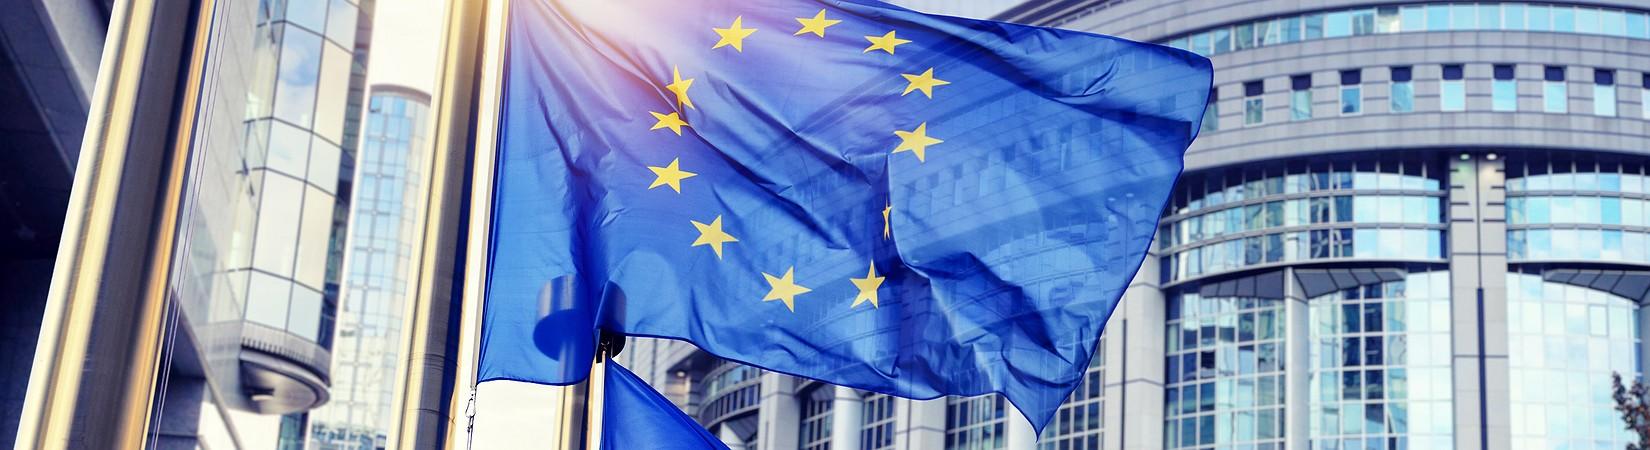 ¿Por qué Trump podría fortalecer a la UE?